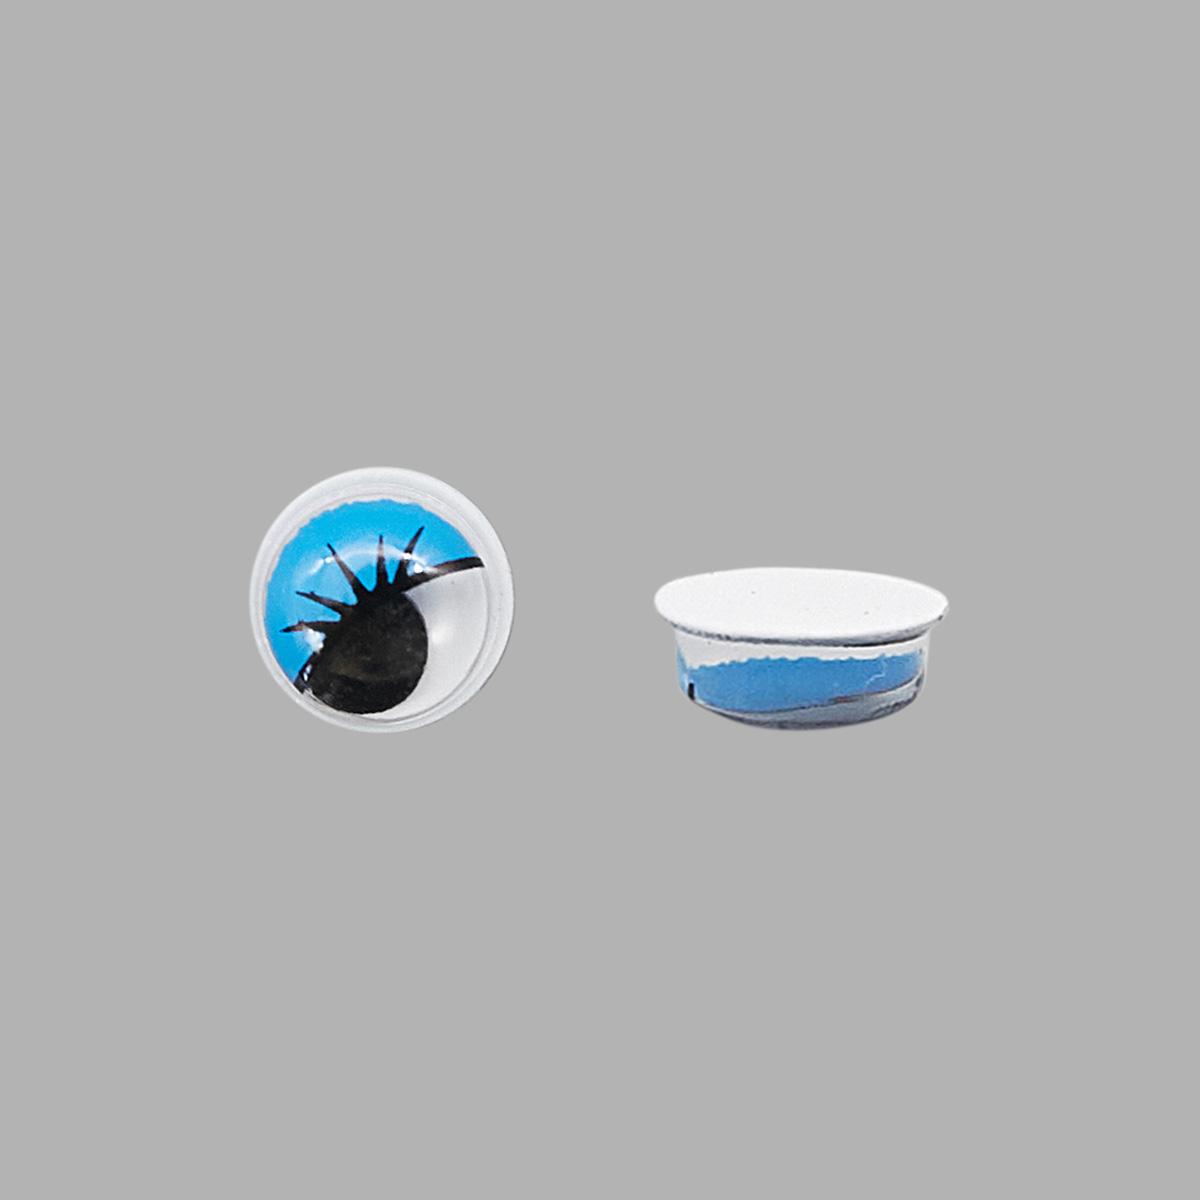 Глазки бегающие (фиксируются при помощи клея)